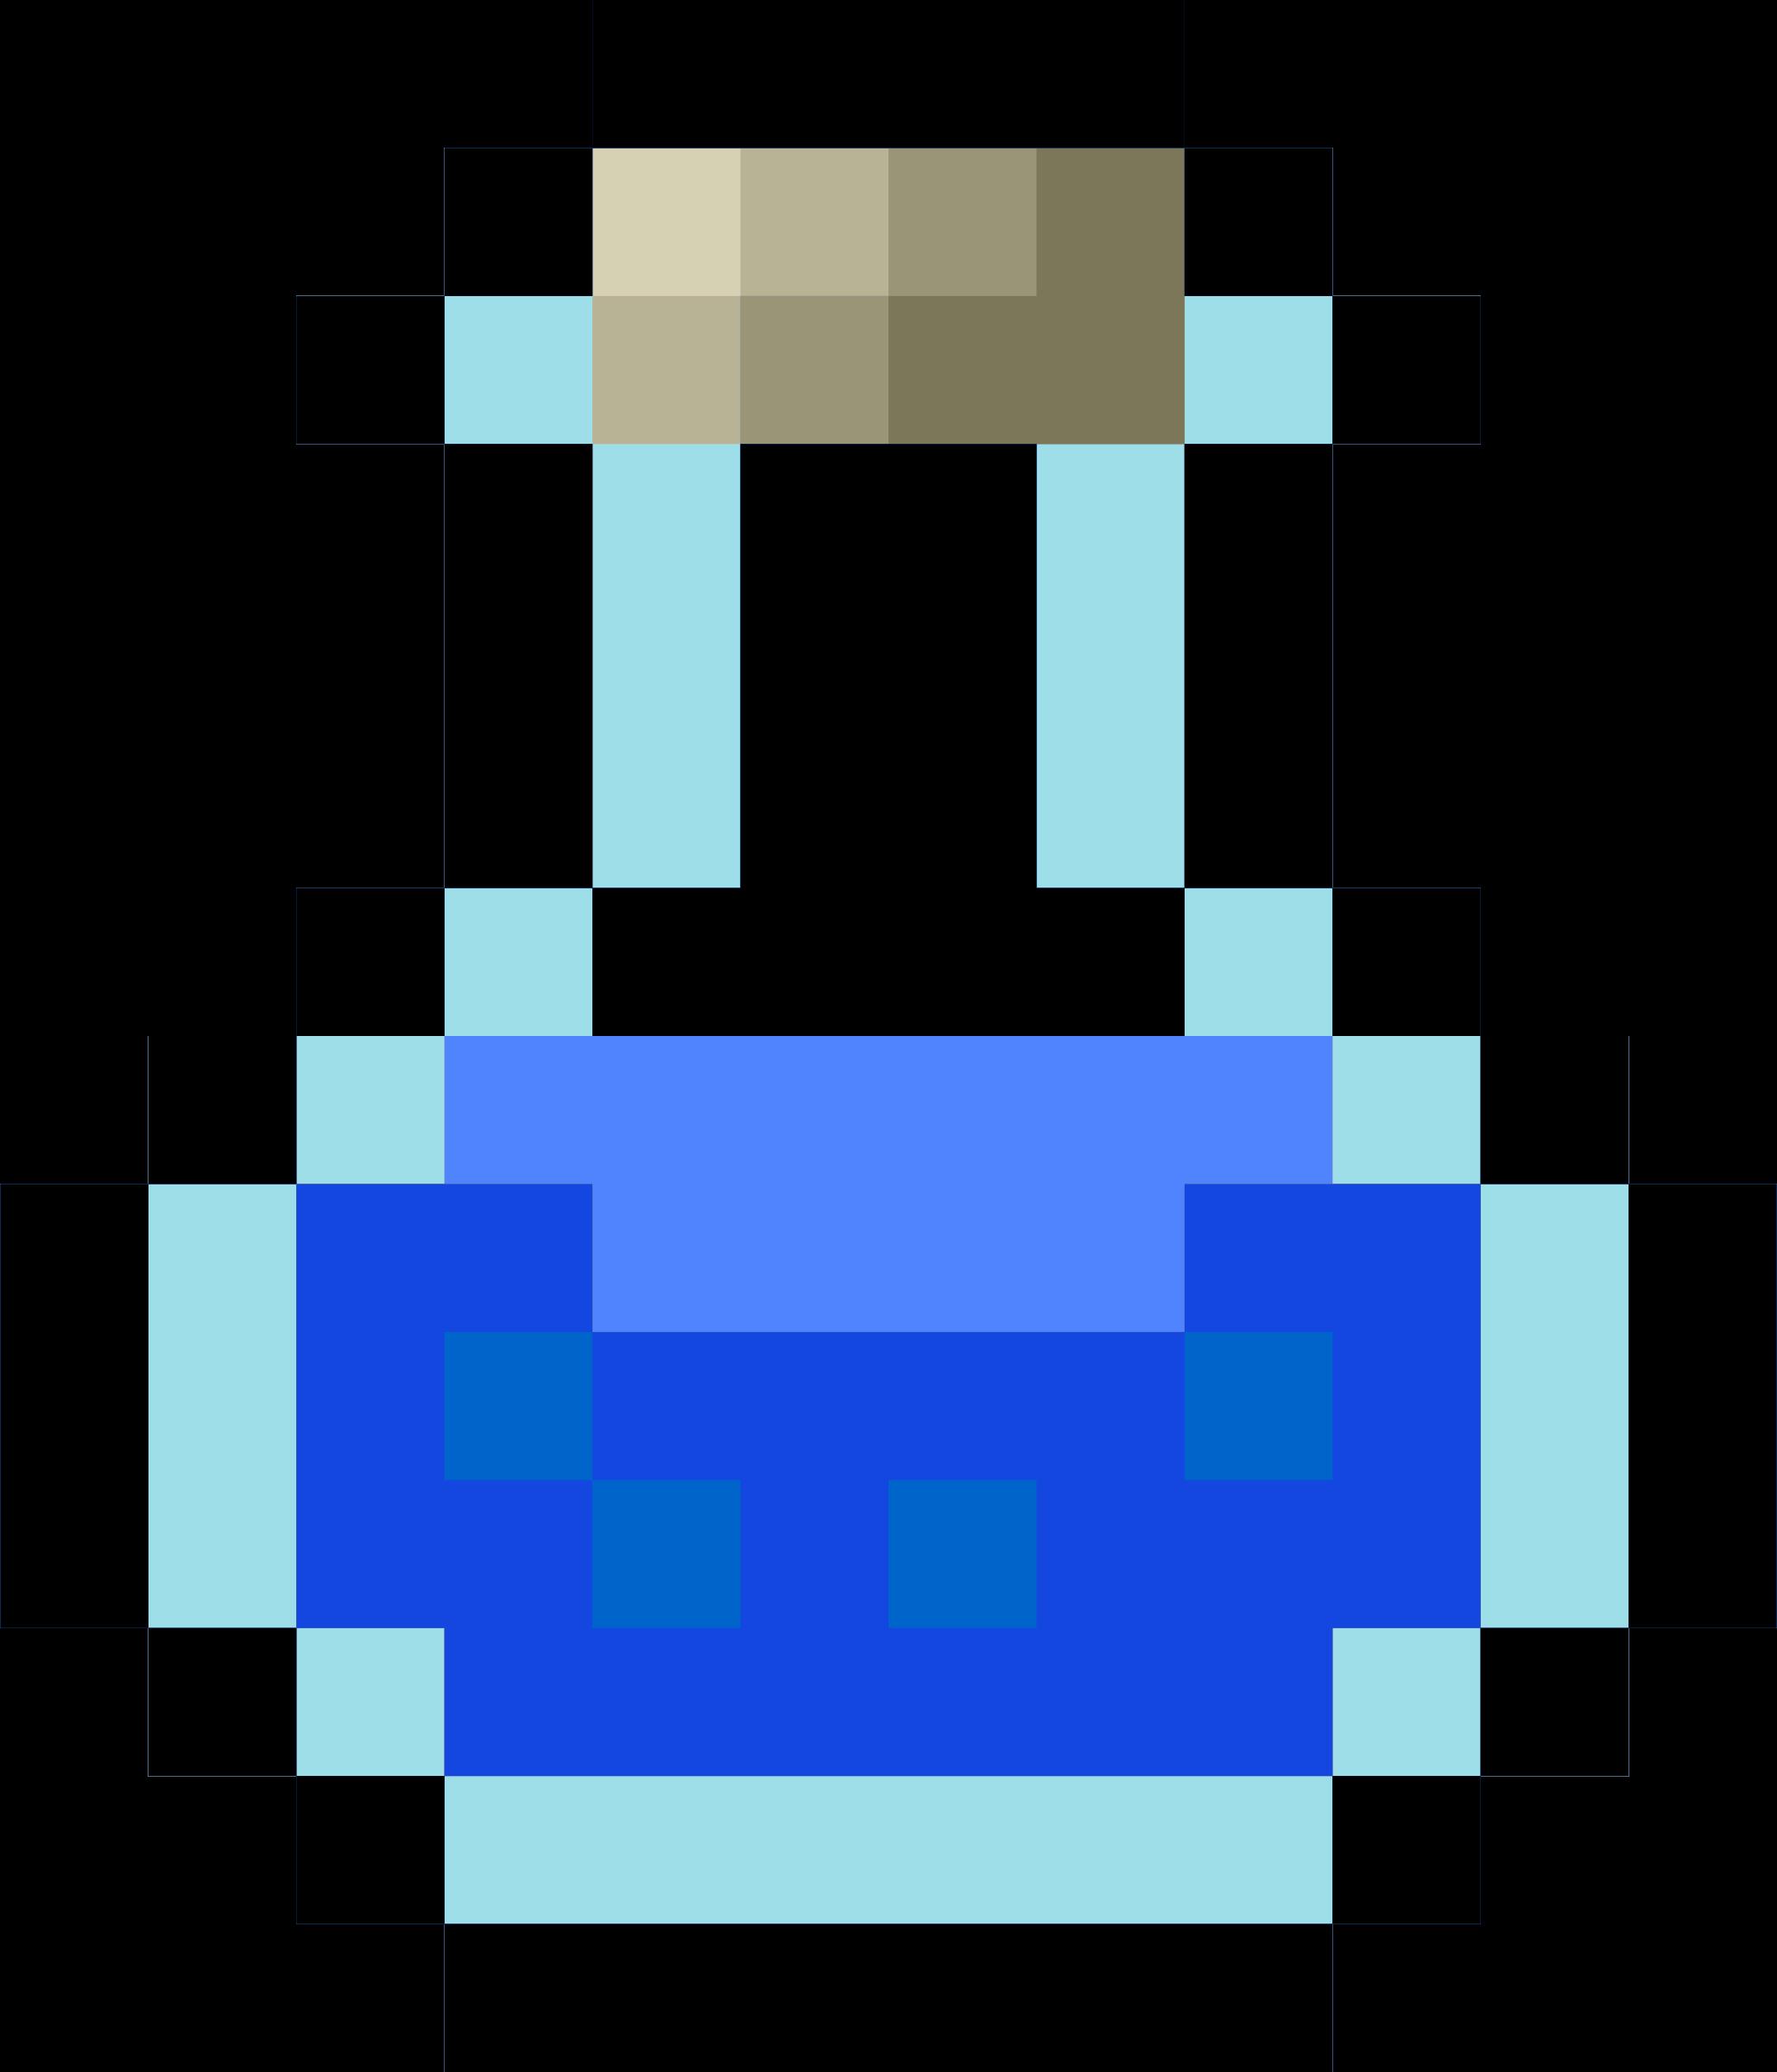 Logs clipart pixel. Potion blue big image